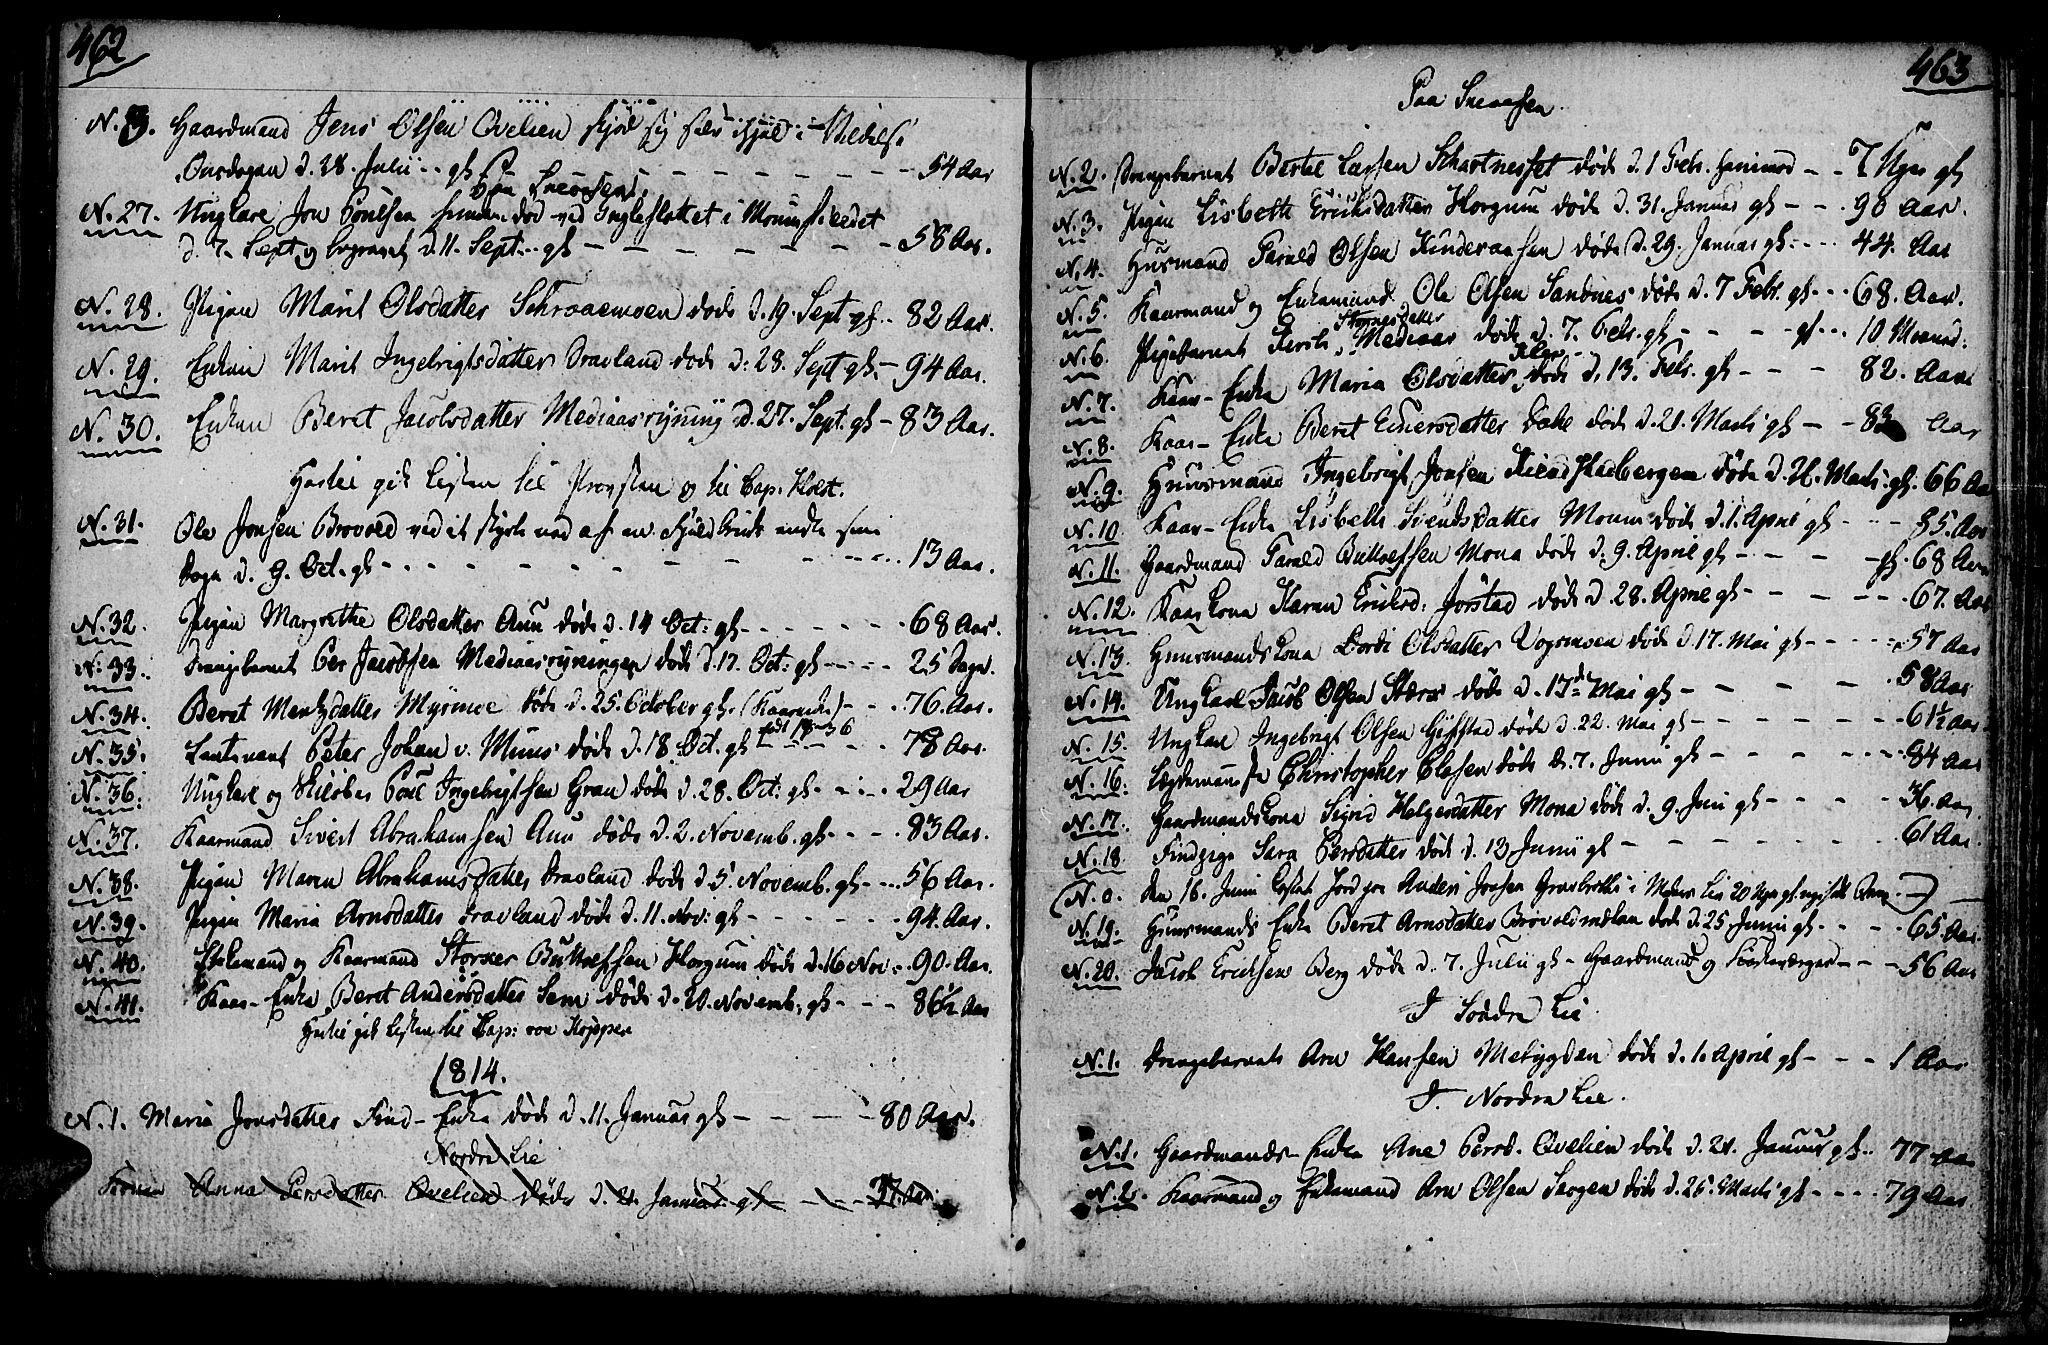 SAT, Ministerialprotokoller, klokkerbøker og fødselsregistre - Nord-Trøndelag, 749/L0468: Ministerialbok nr. 749A02, 1787-1817, s. 462-463